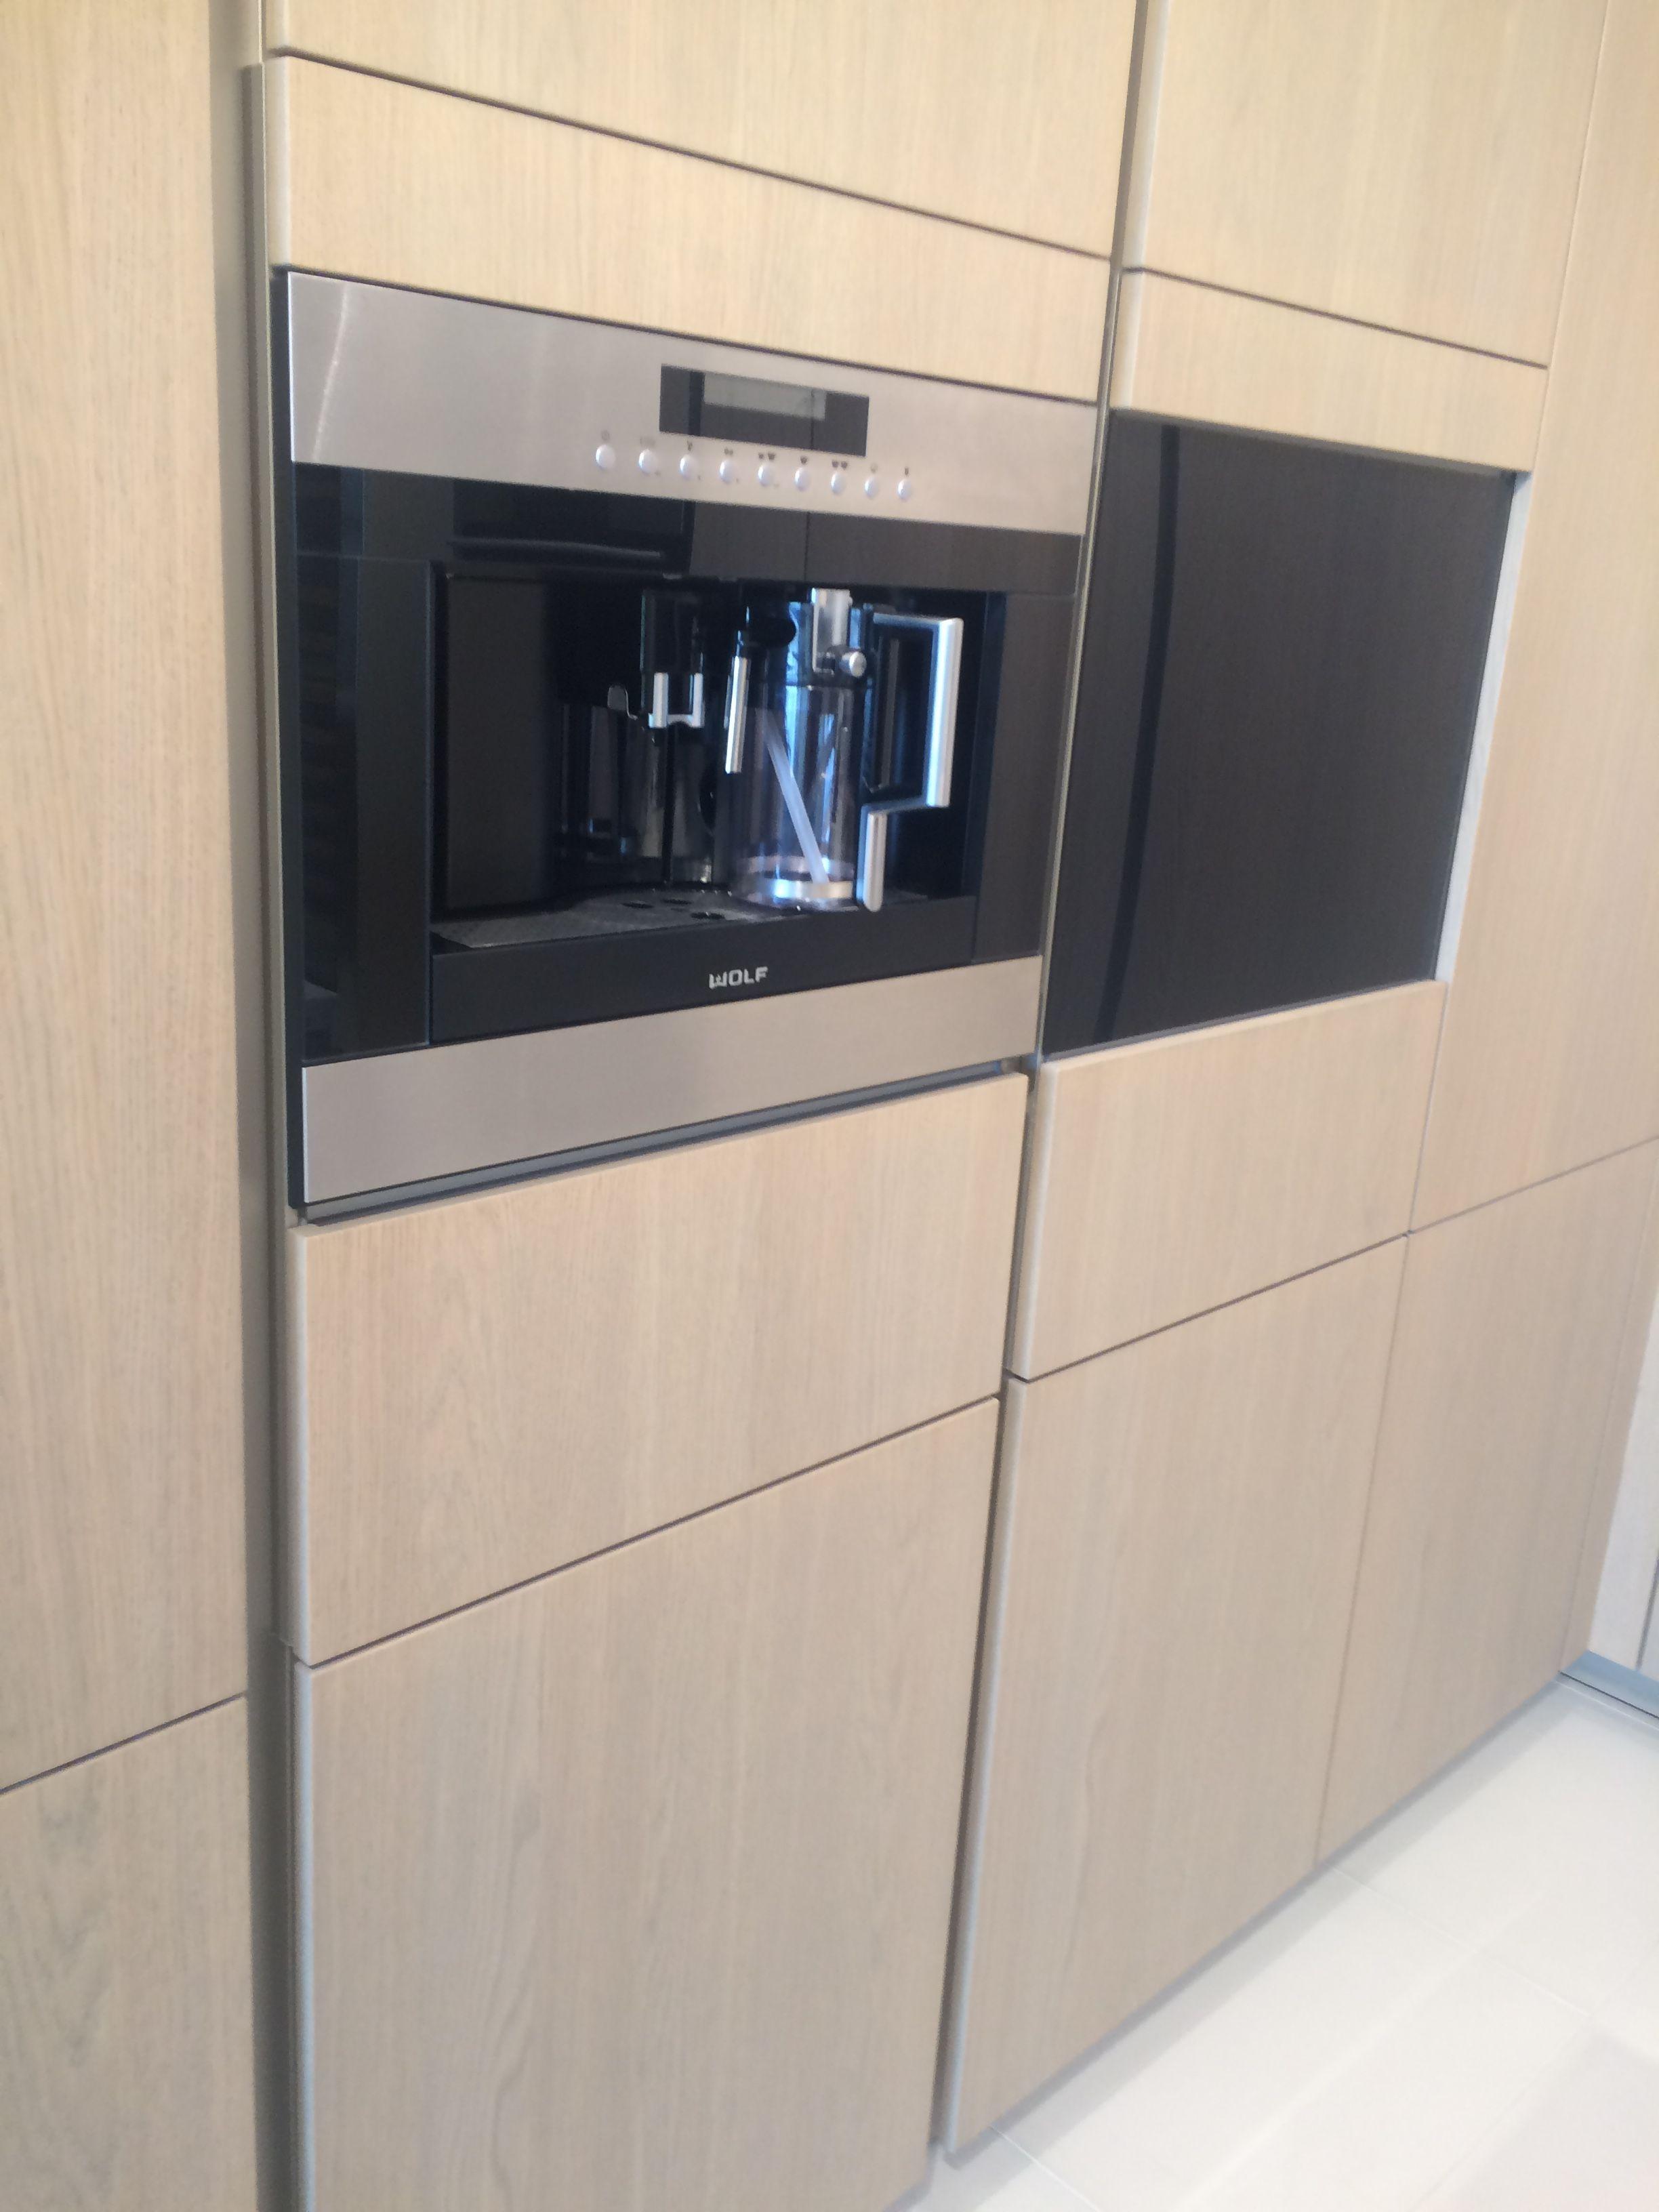 Ausgezeichnet Küchenmonteur Jobs Brisbane Fotos - Küchenschrank ...